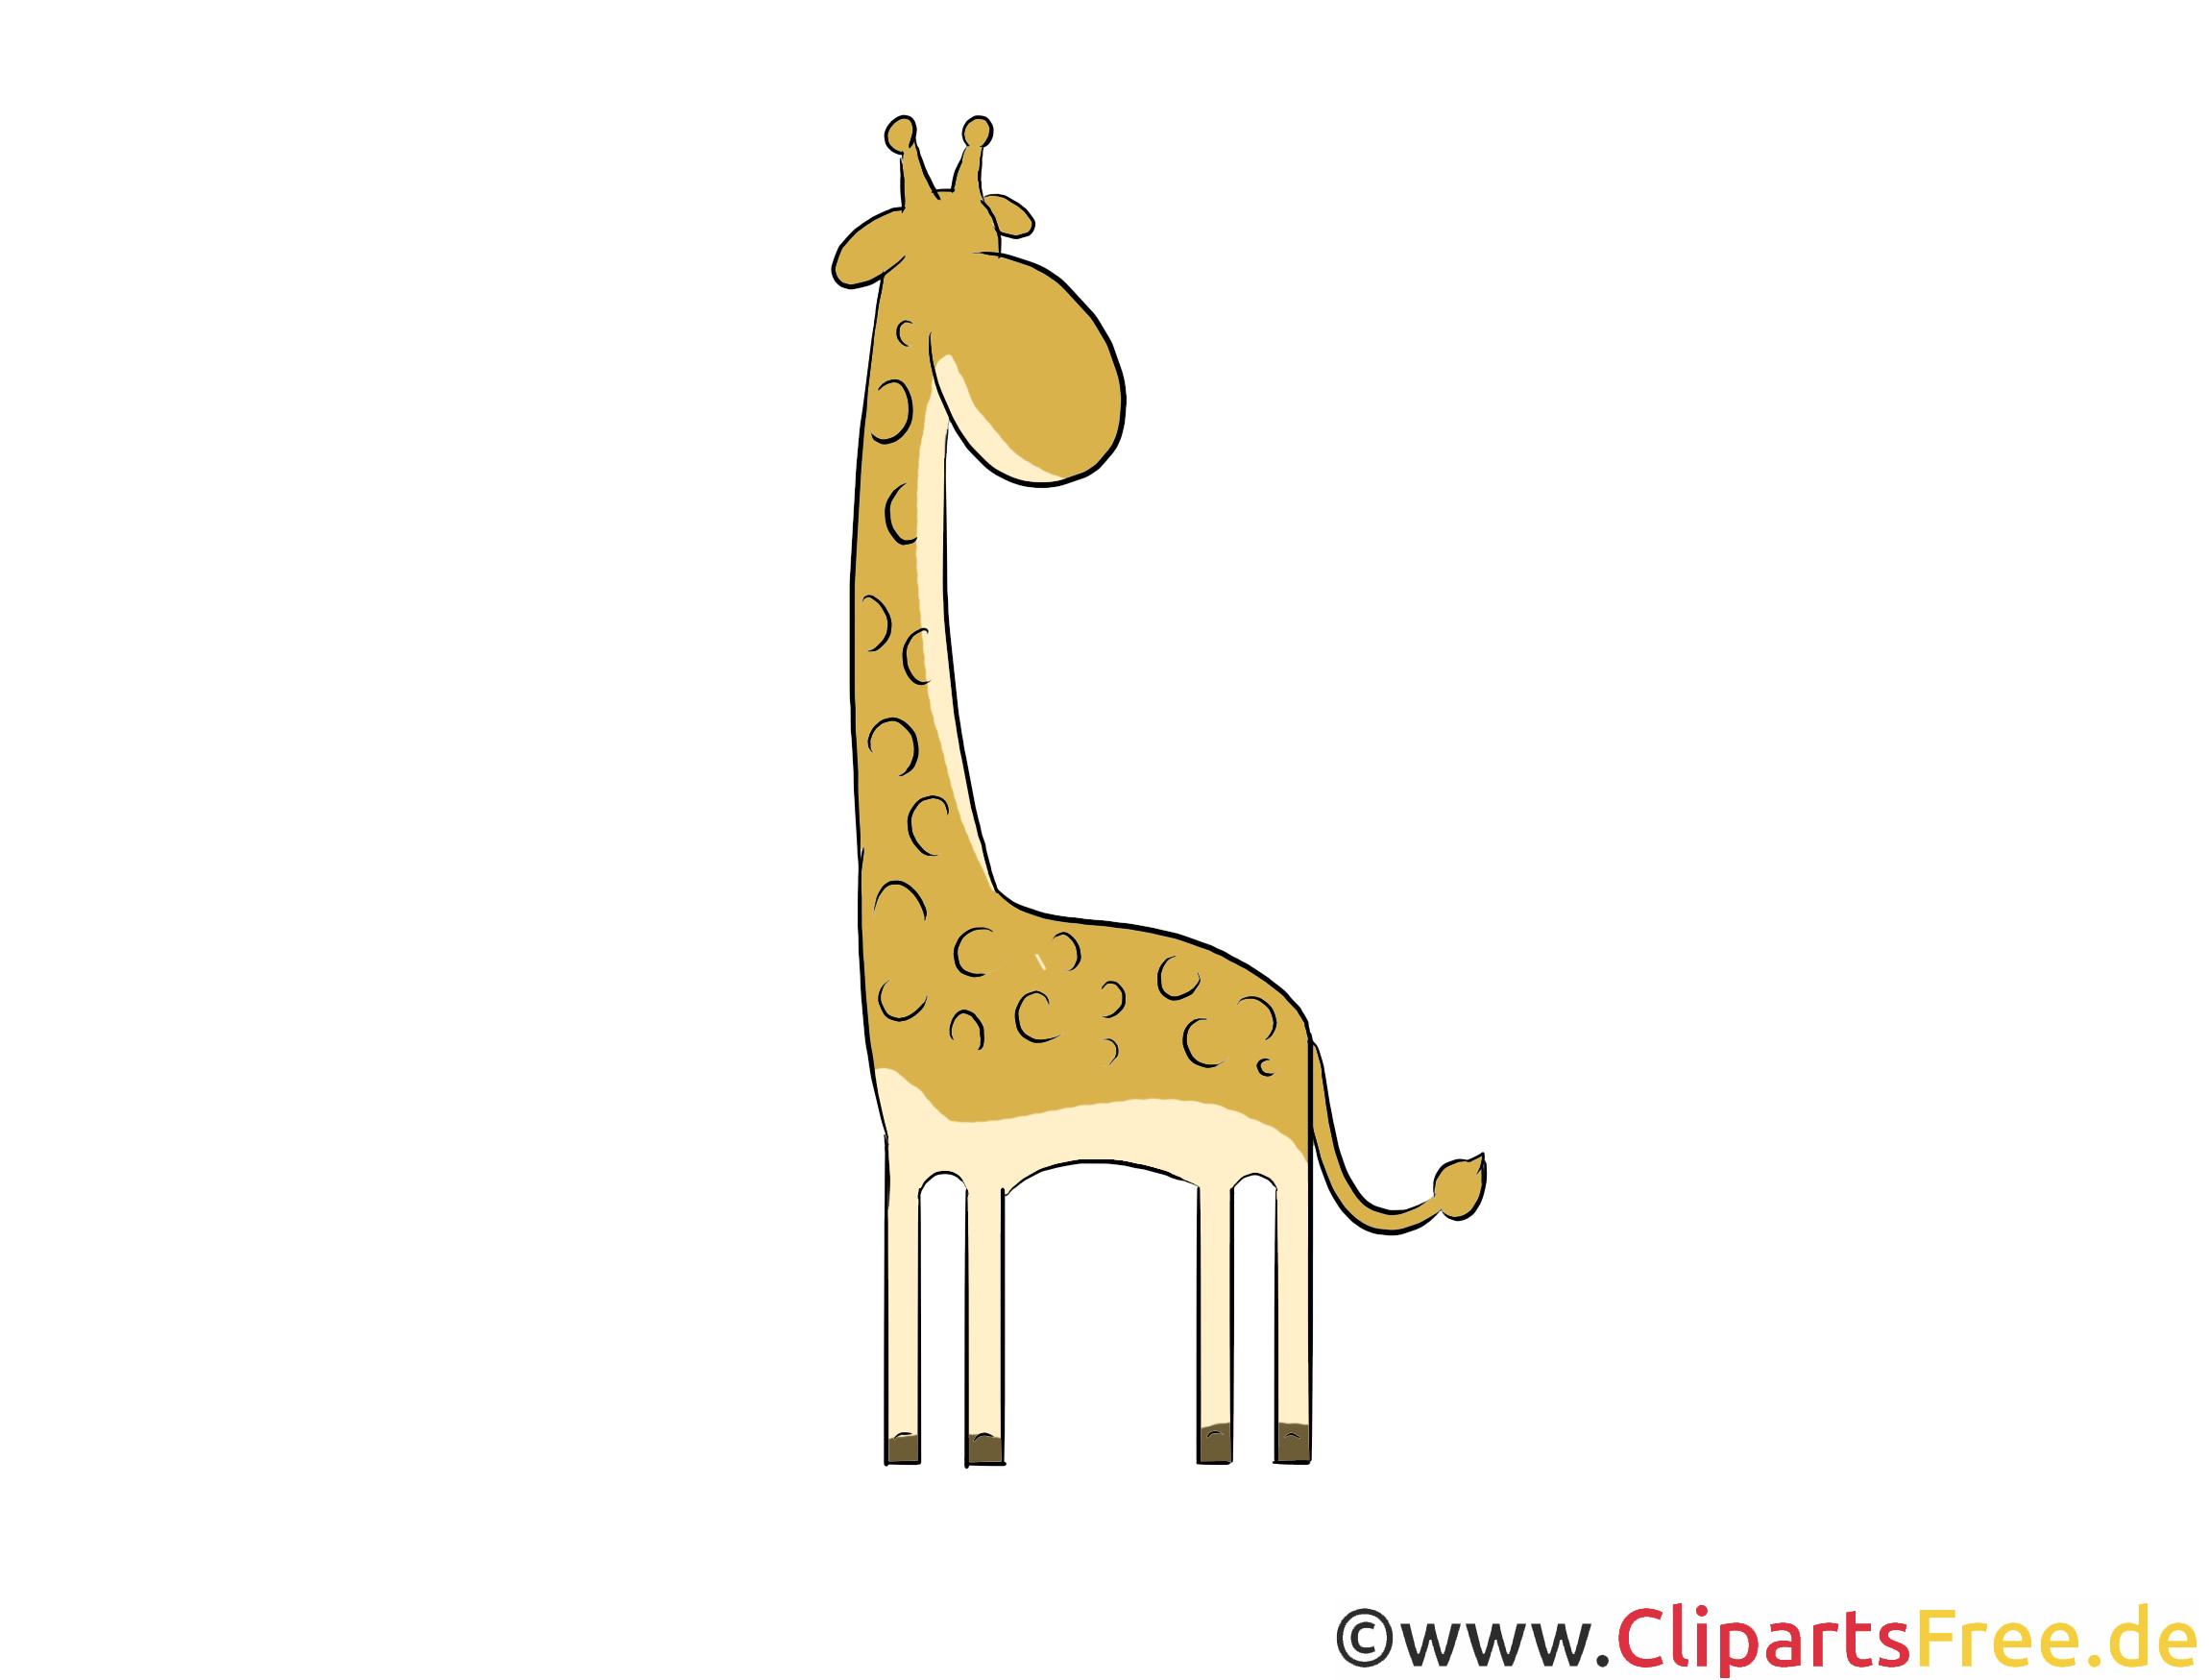 Giraffe Clipart, Illustration, Bild kostenlos